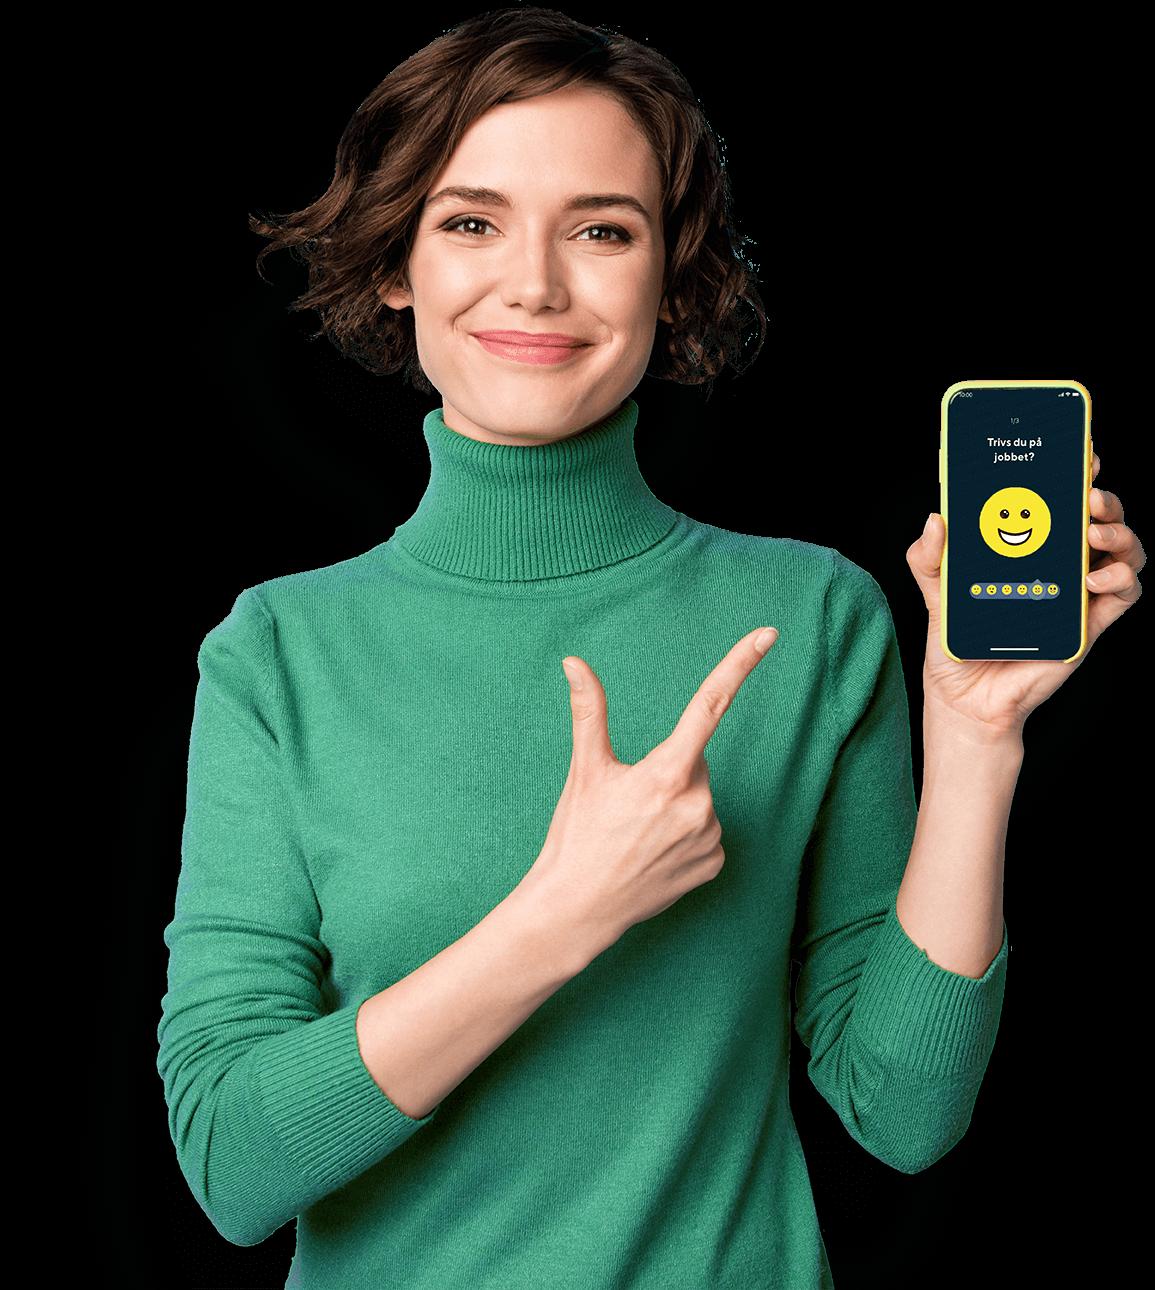 Kvinna som håller en mobil och pekar på den